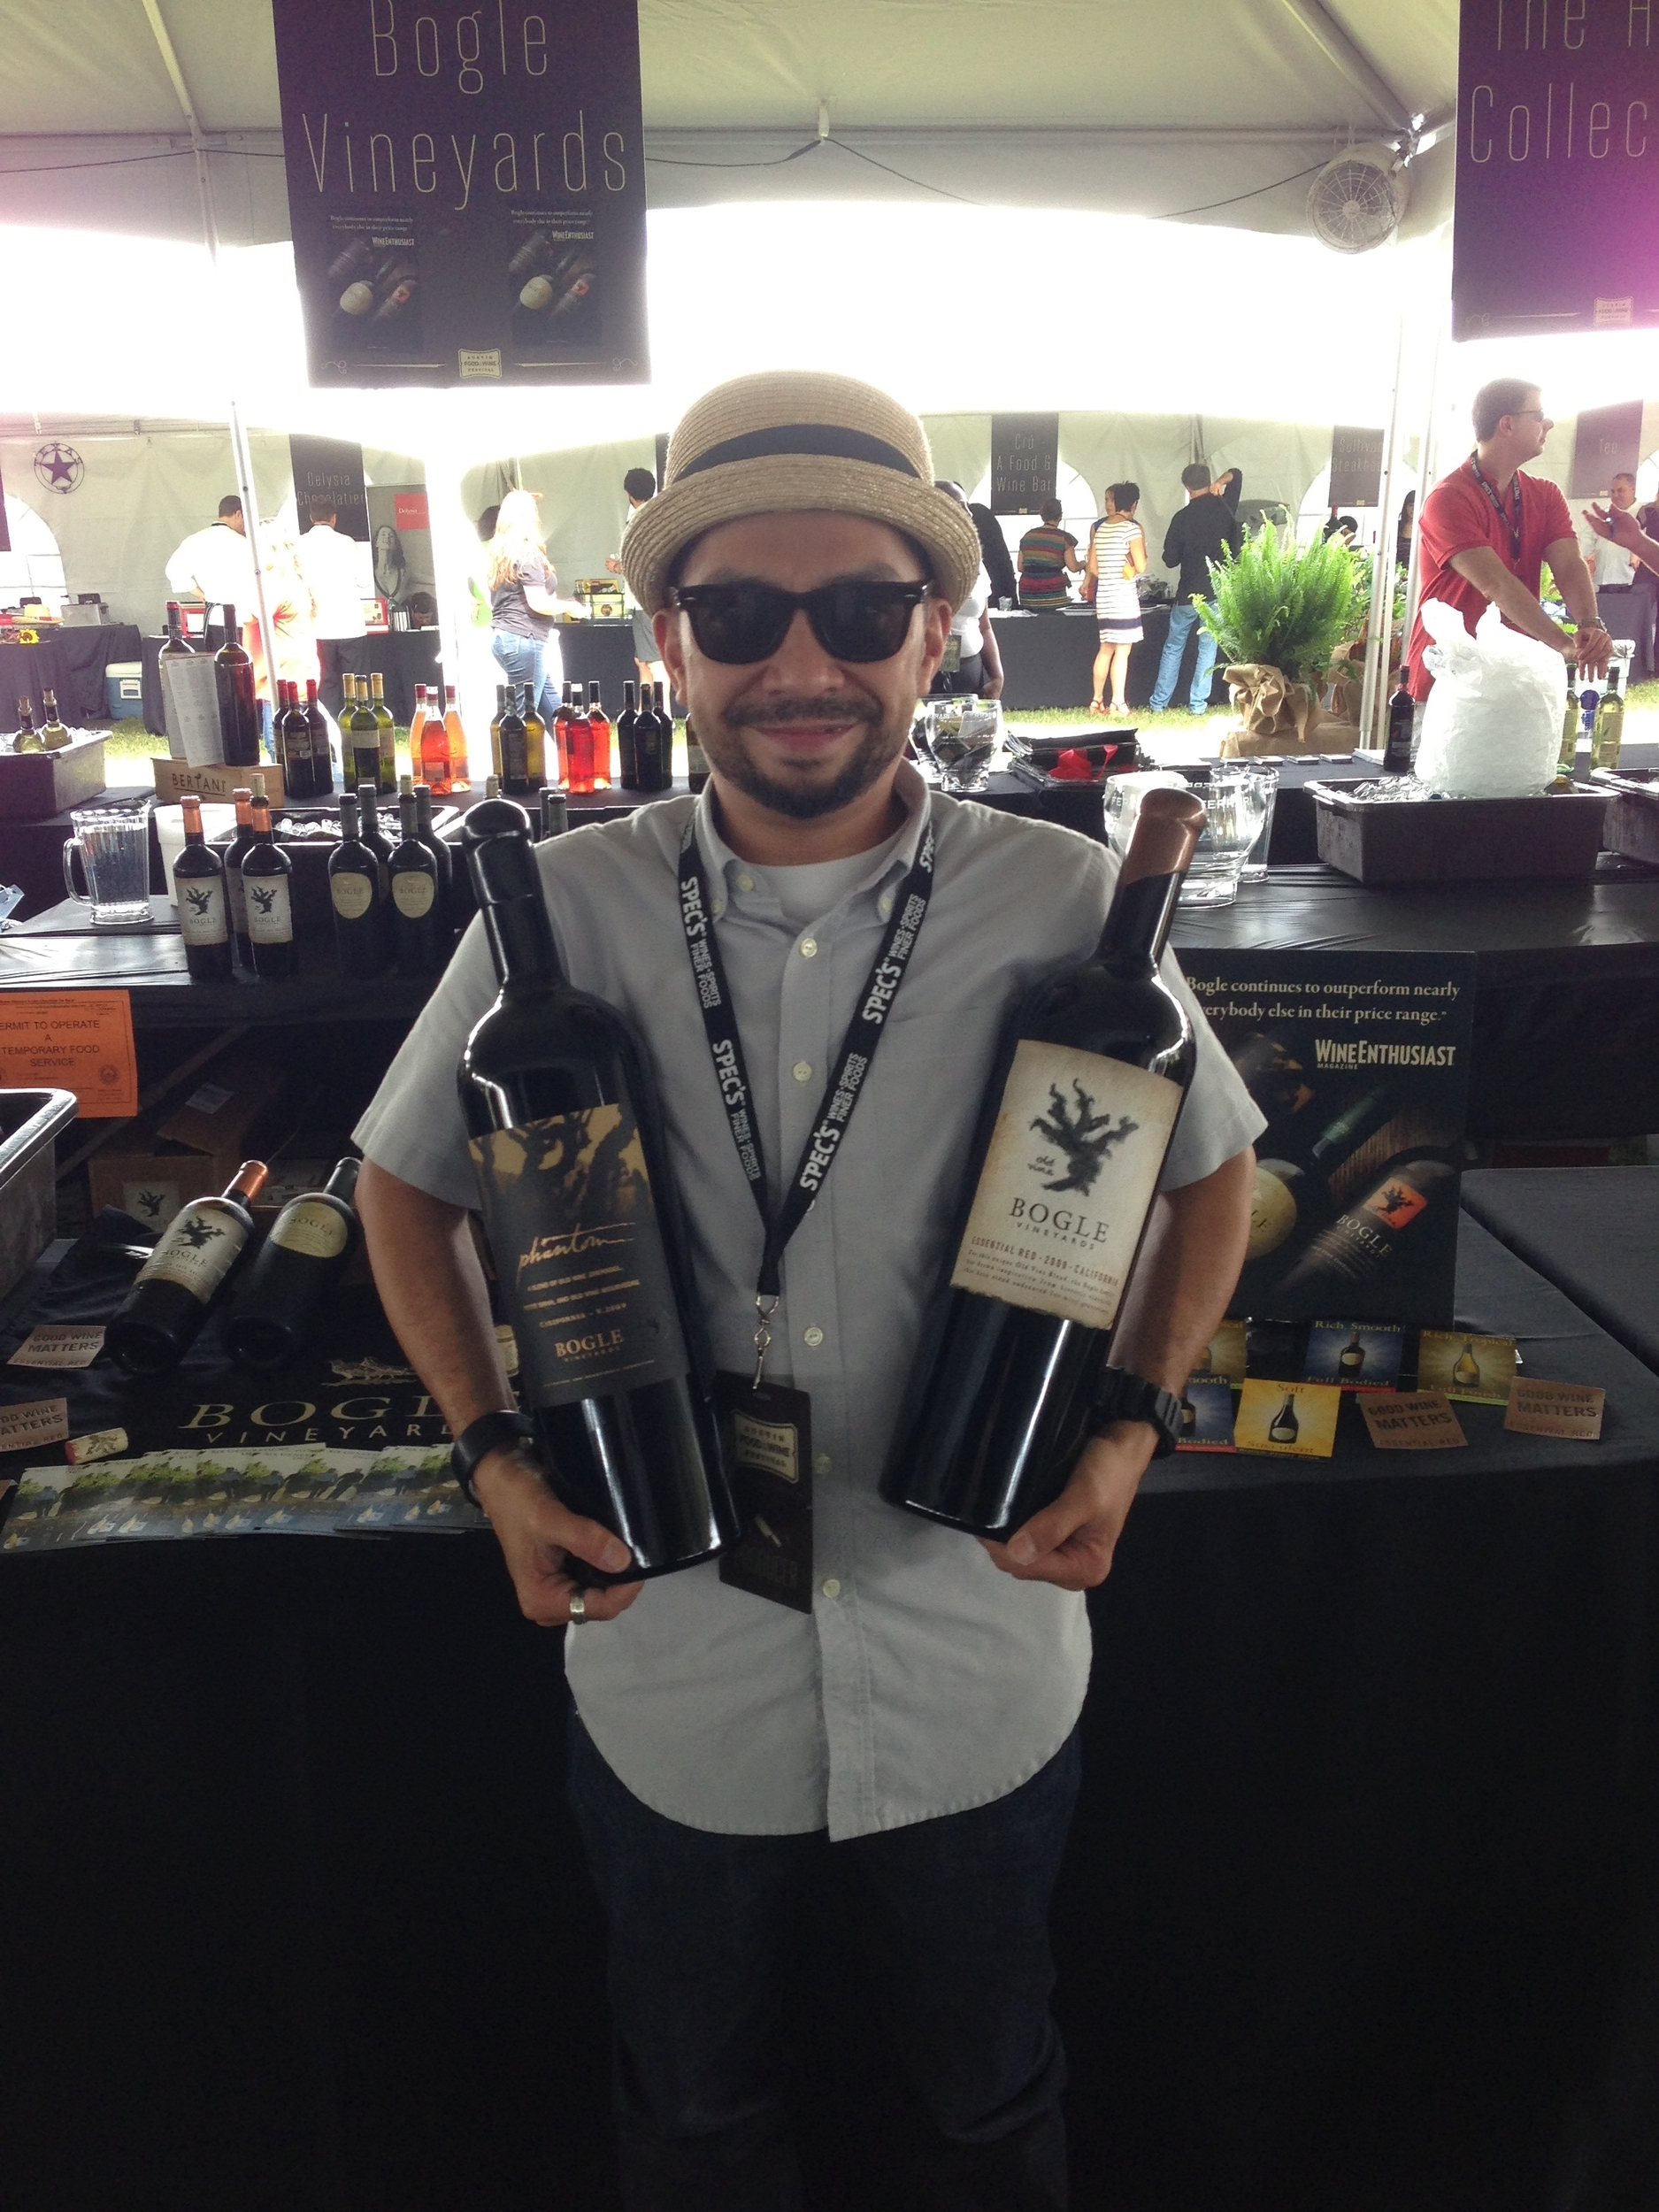 2013 Austin Food & Wine Festival